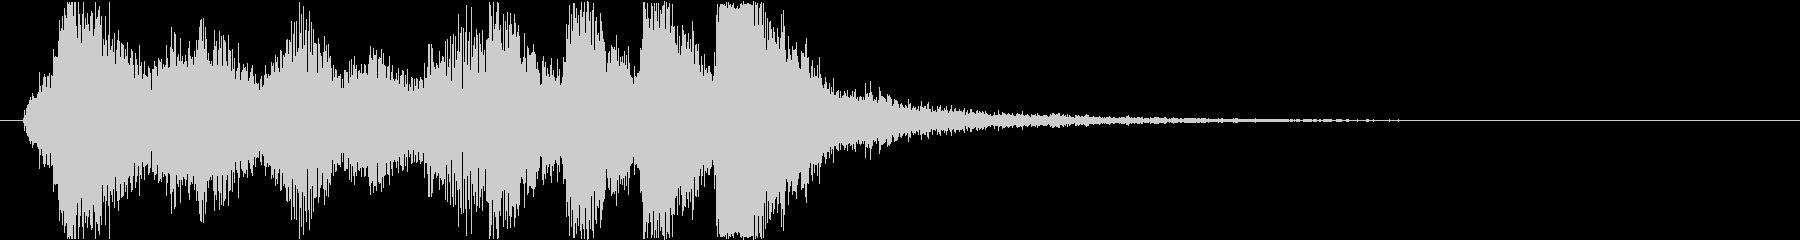 06 ファンファーレホルン トランペットの未再生の波形